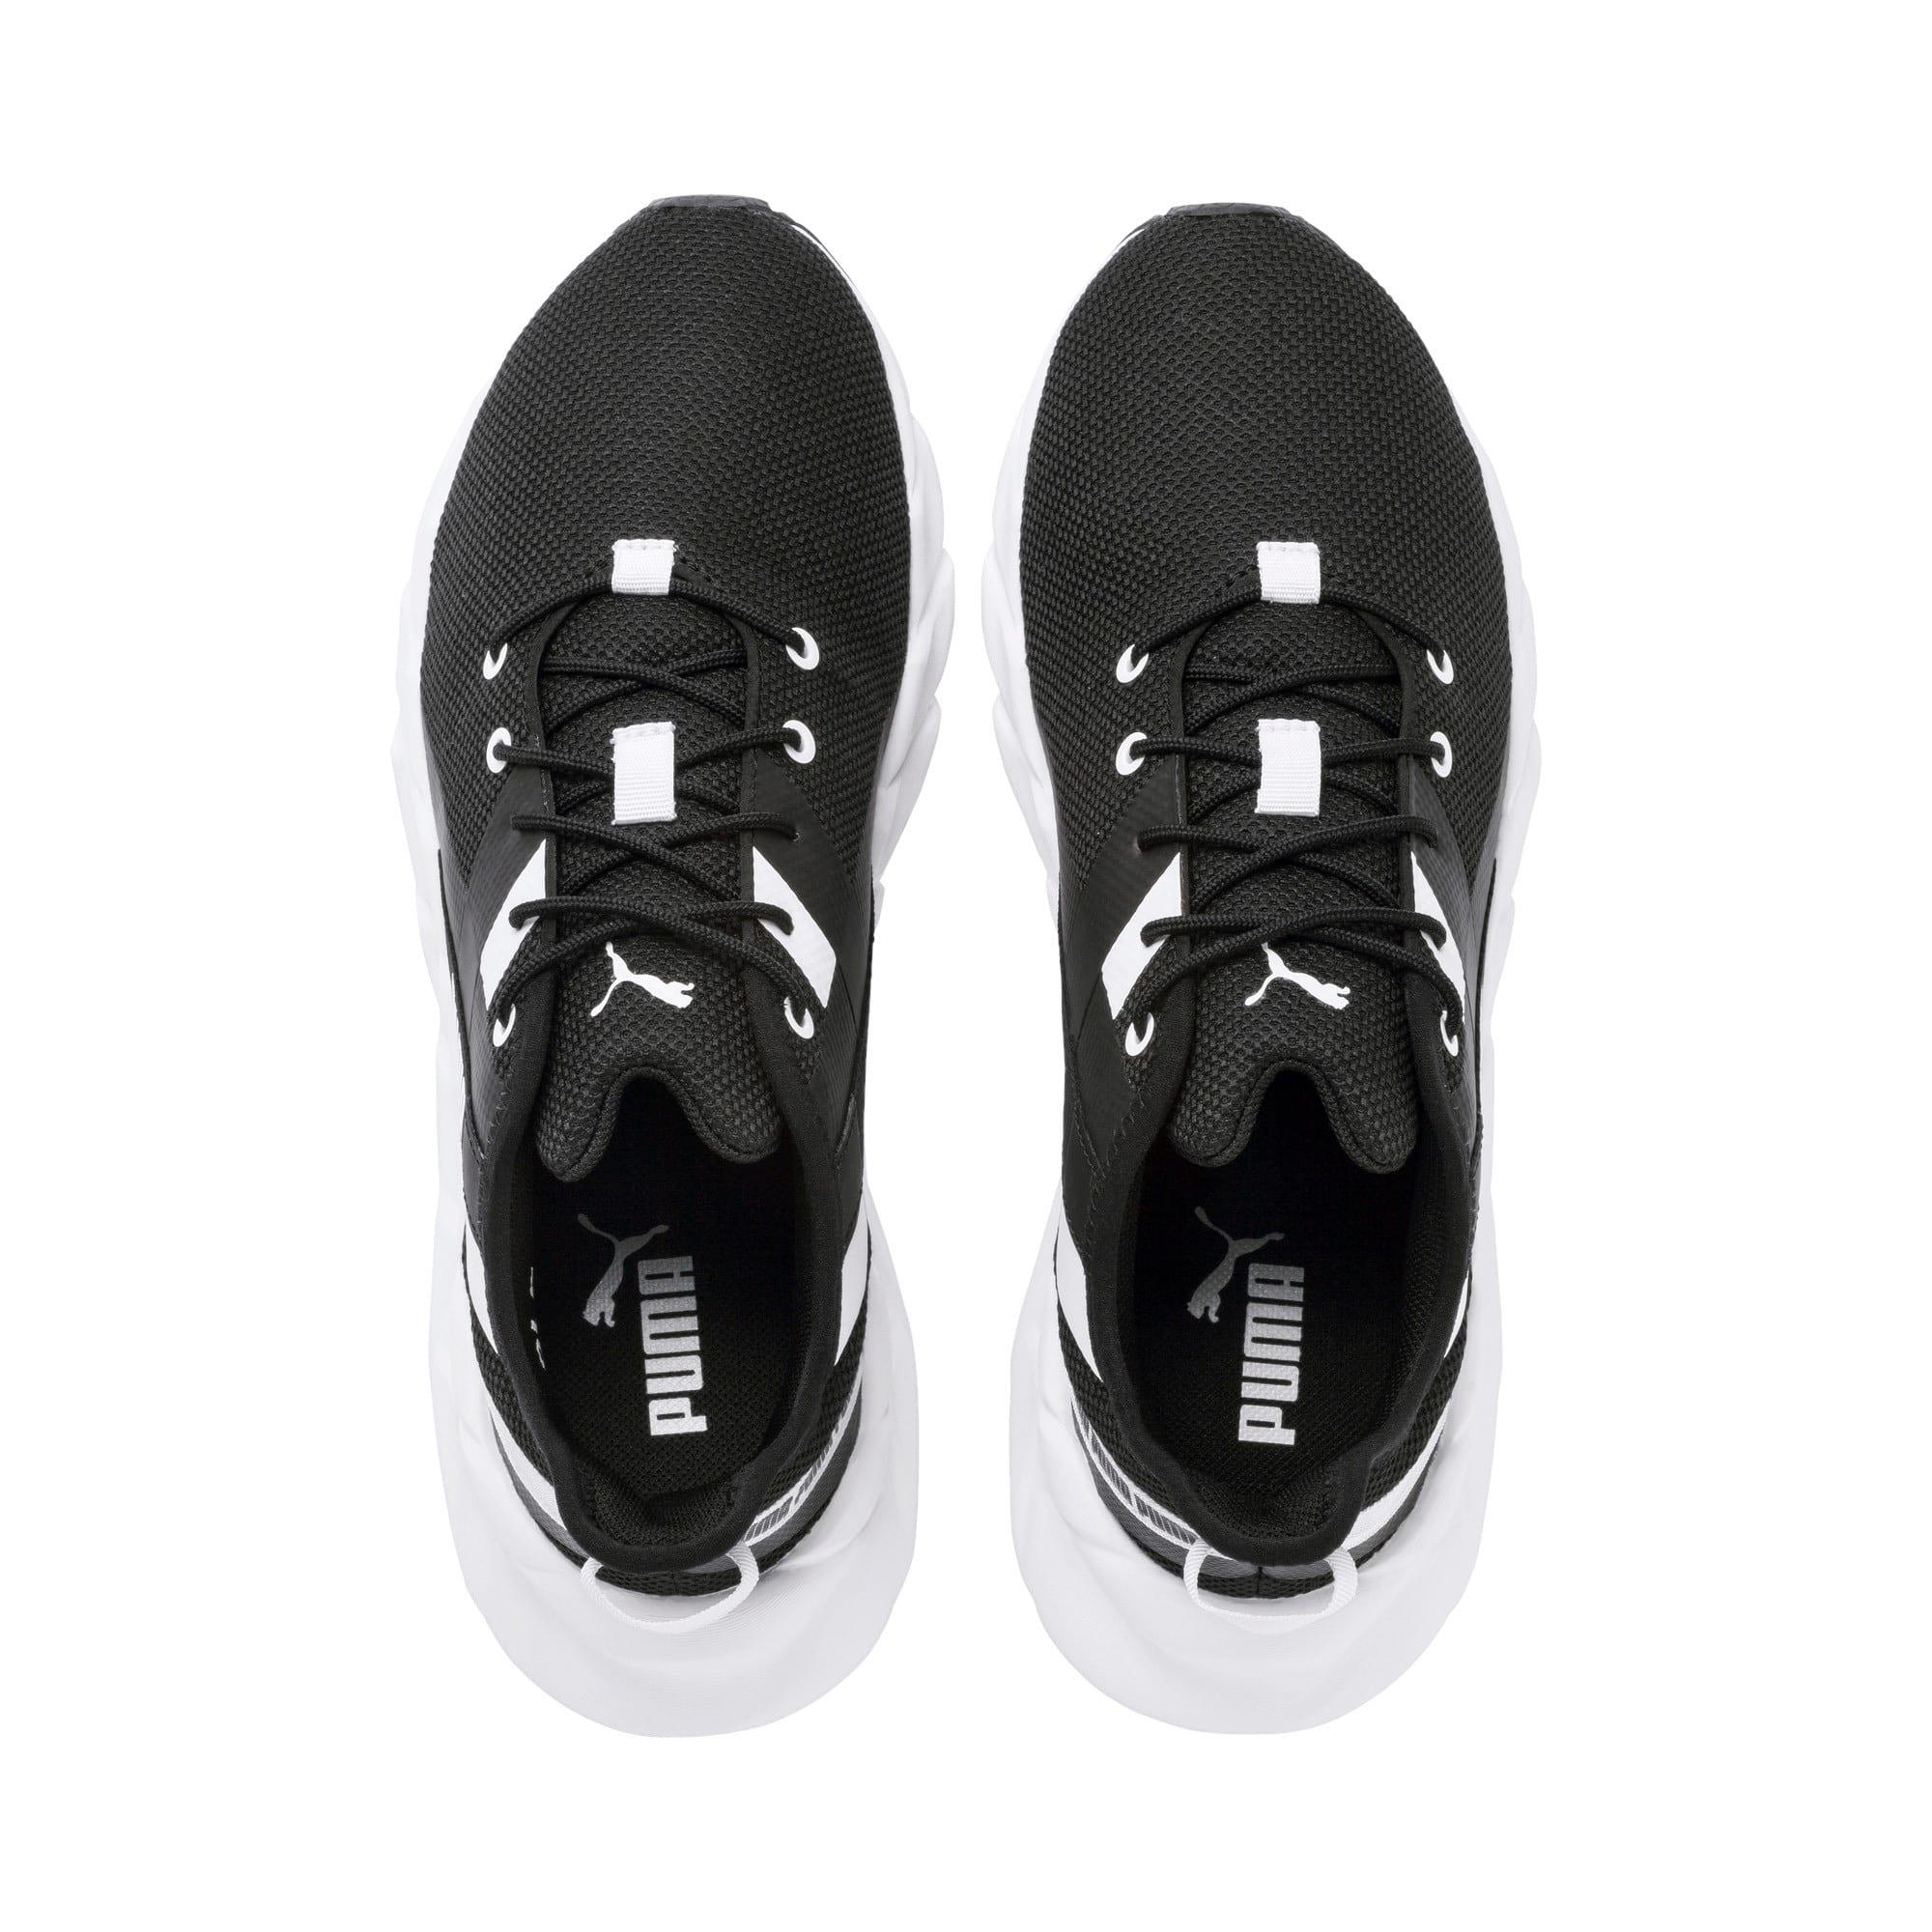 Miniatura 7 de Zapatos de entrenamiento Weave XT para mujer, Puma Black-Puma White, mediano